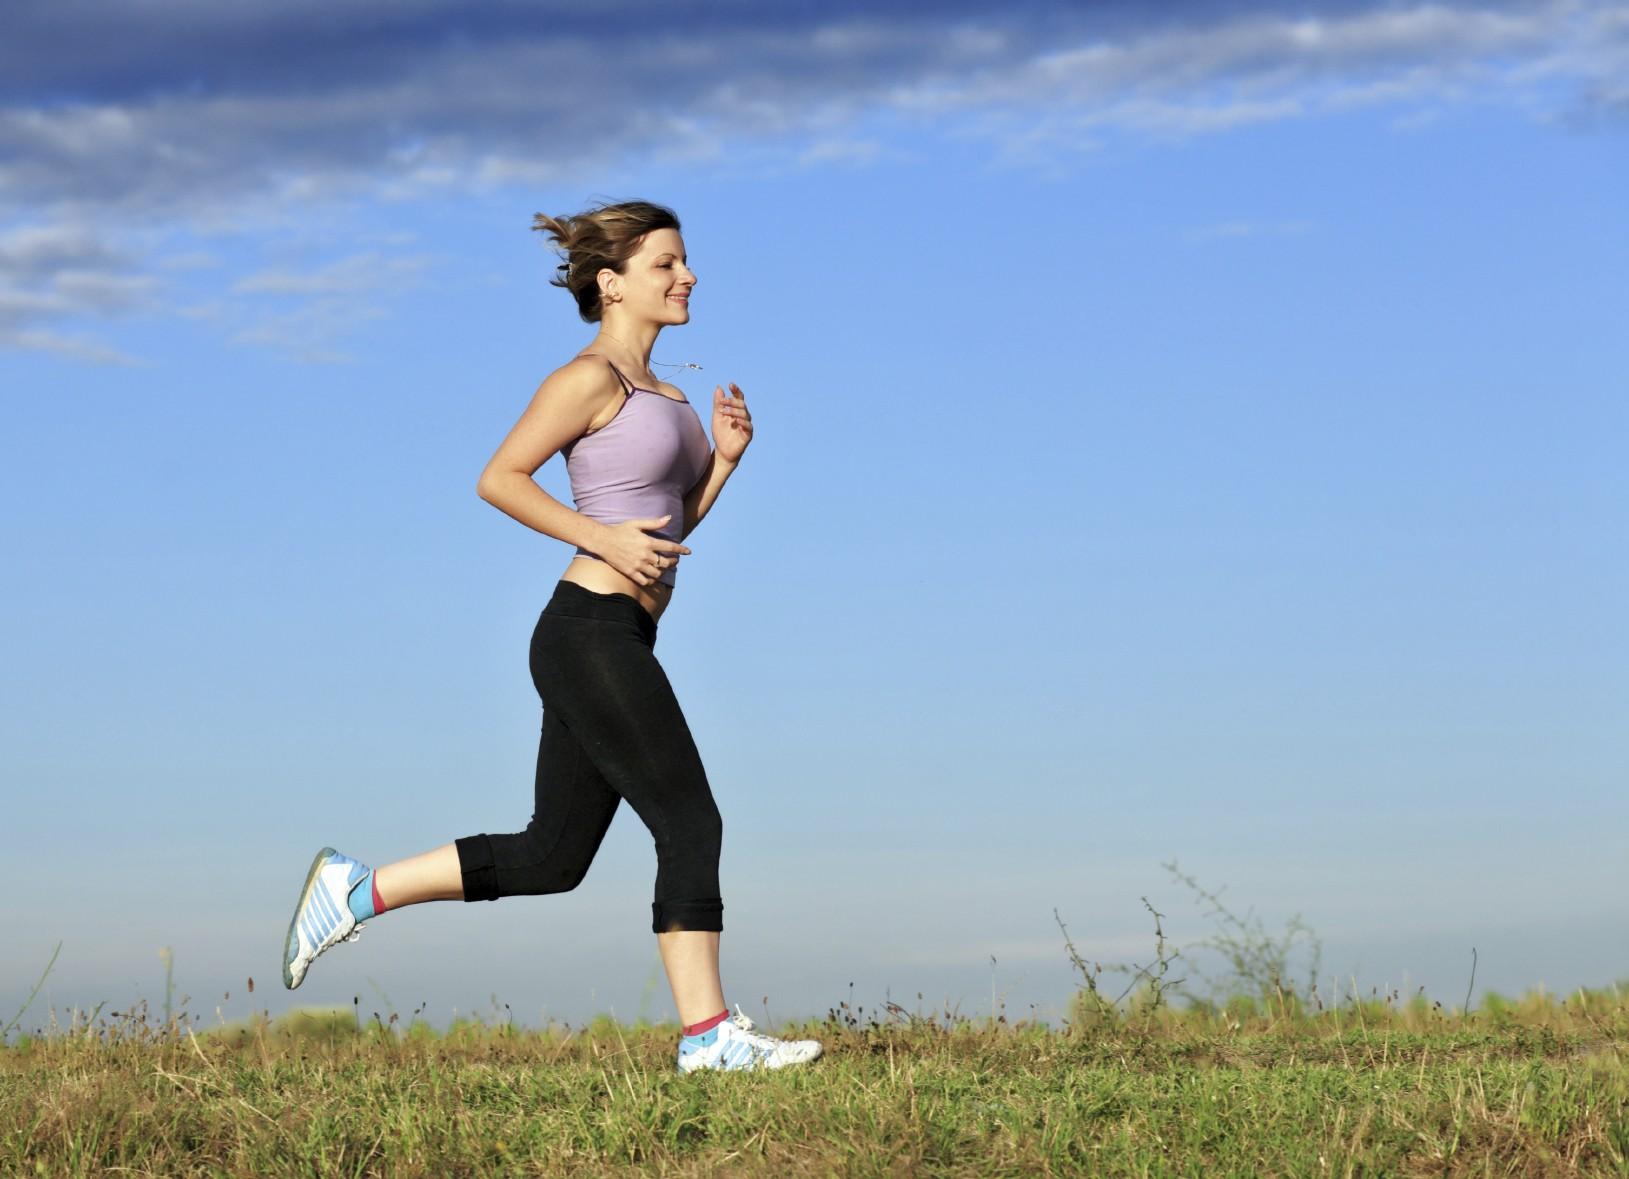 hogyan lehet gyógyítani a magas vérnyomást futással hipertónia retinopathia